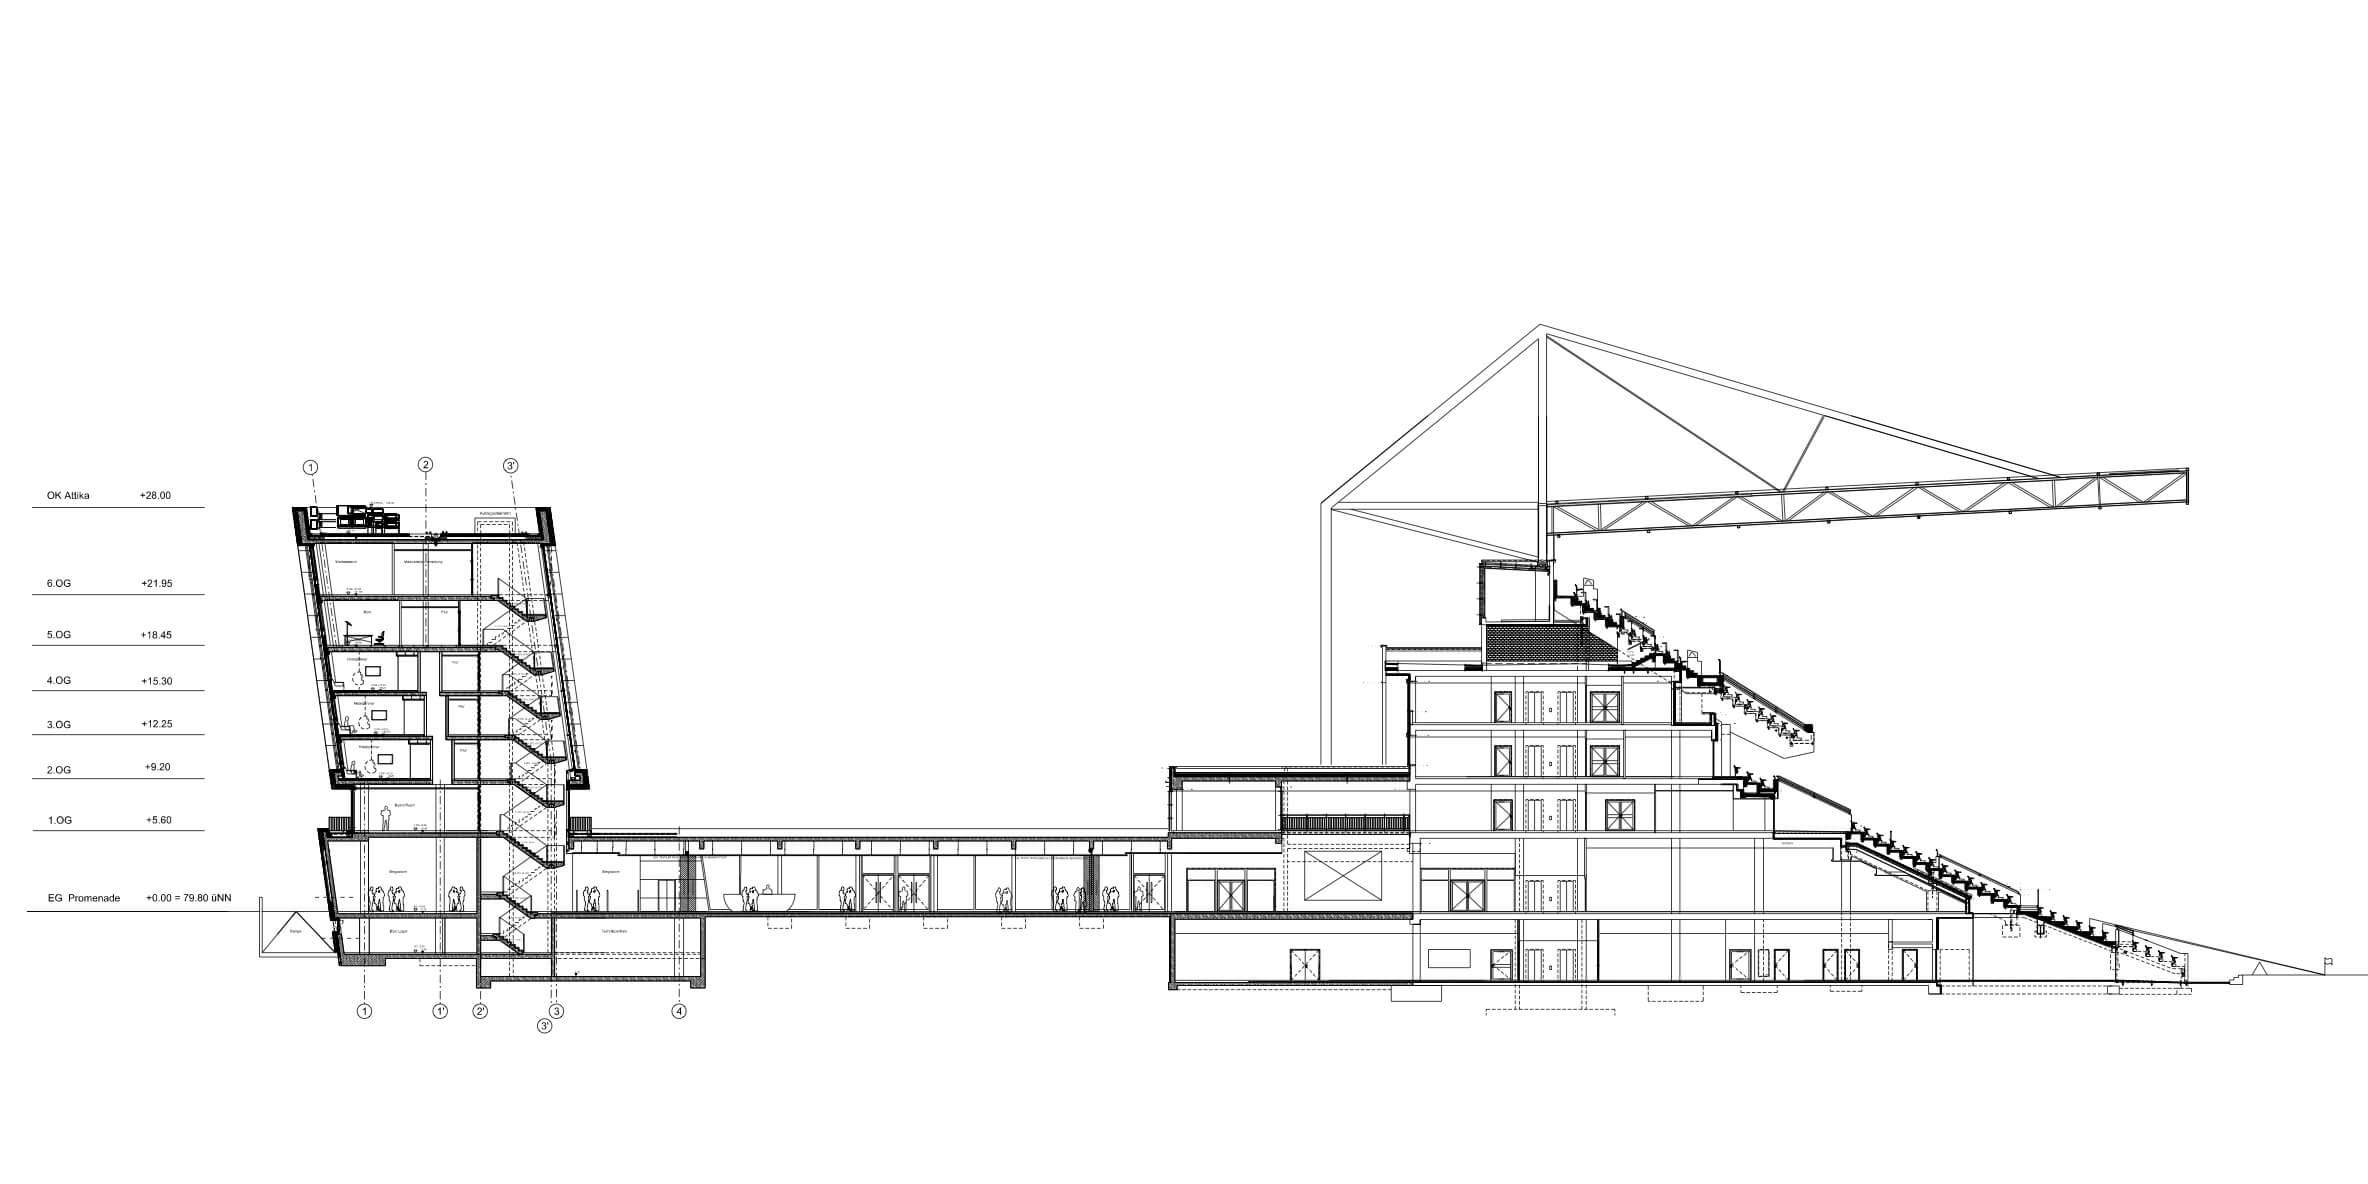 Architekten Mönchengladbach neubau im borussia park mönchengladbach sop architekten